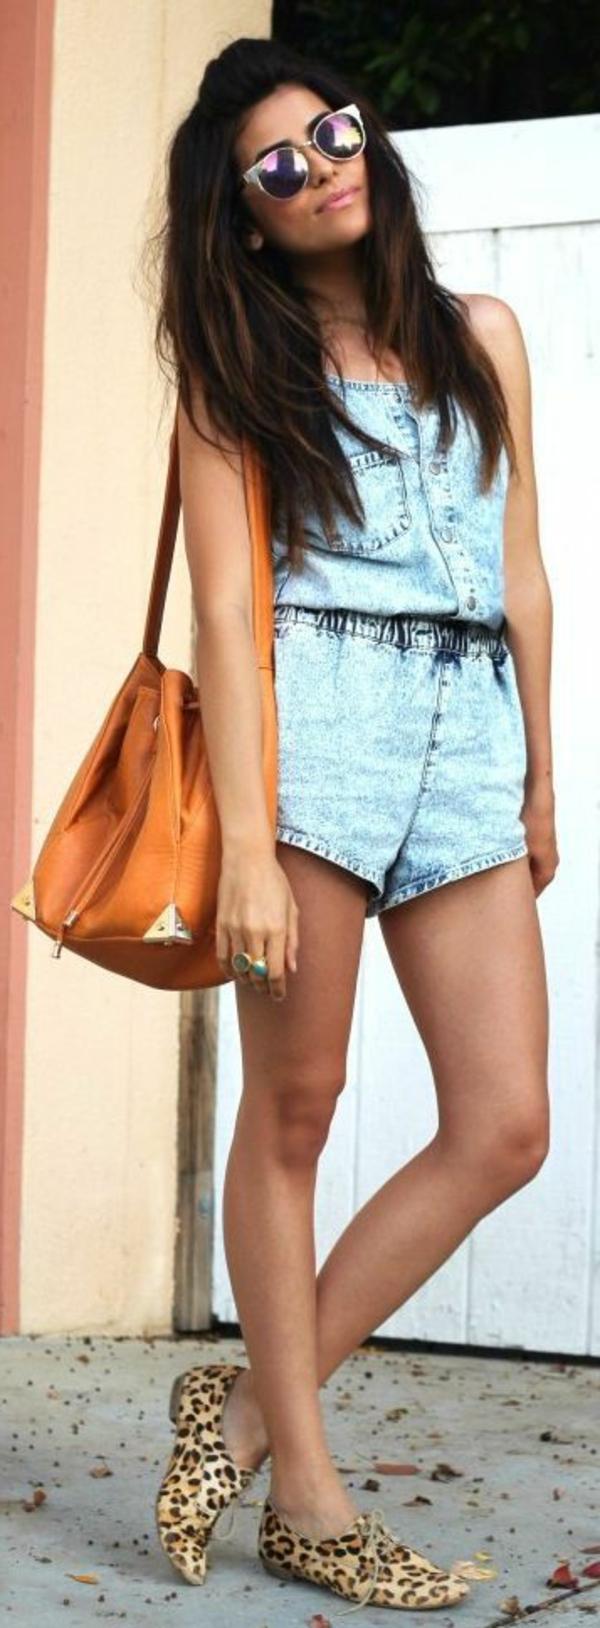 salopette-femme-mode-combinaison-denim-sac-bandoulière-lunettes-de-soleil